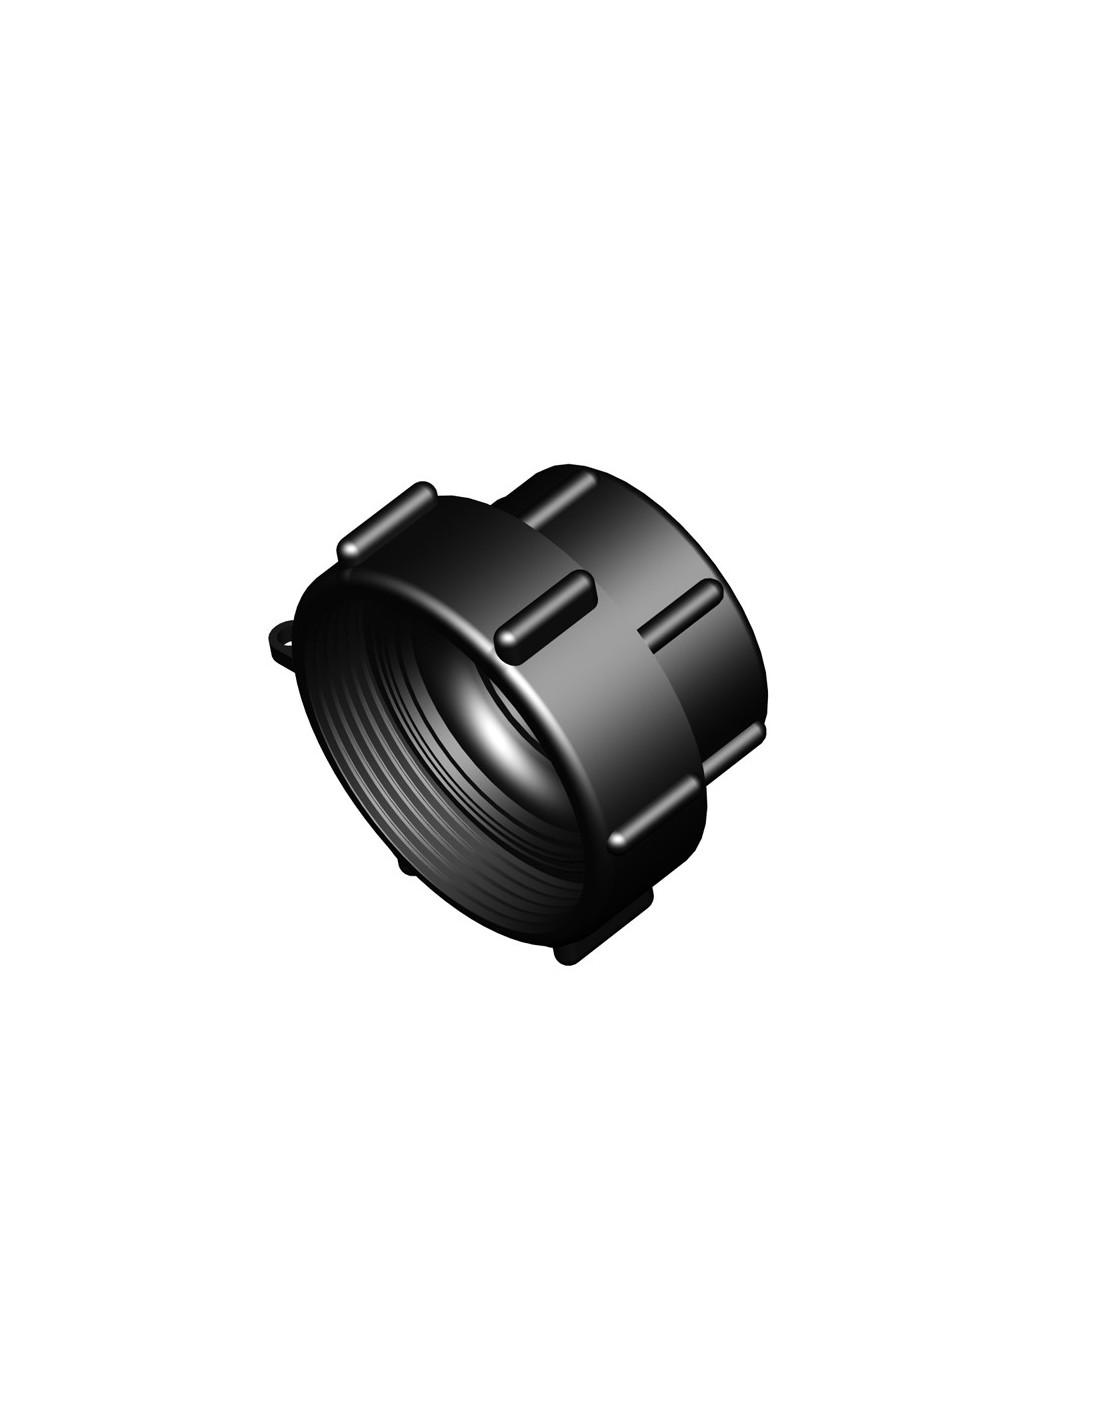 adaptateur changement de pas f 3 m80x3 kingtainer f 2 pas gaz sas. Black Bedroom Furniture Sets. Home Design Ideas